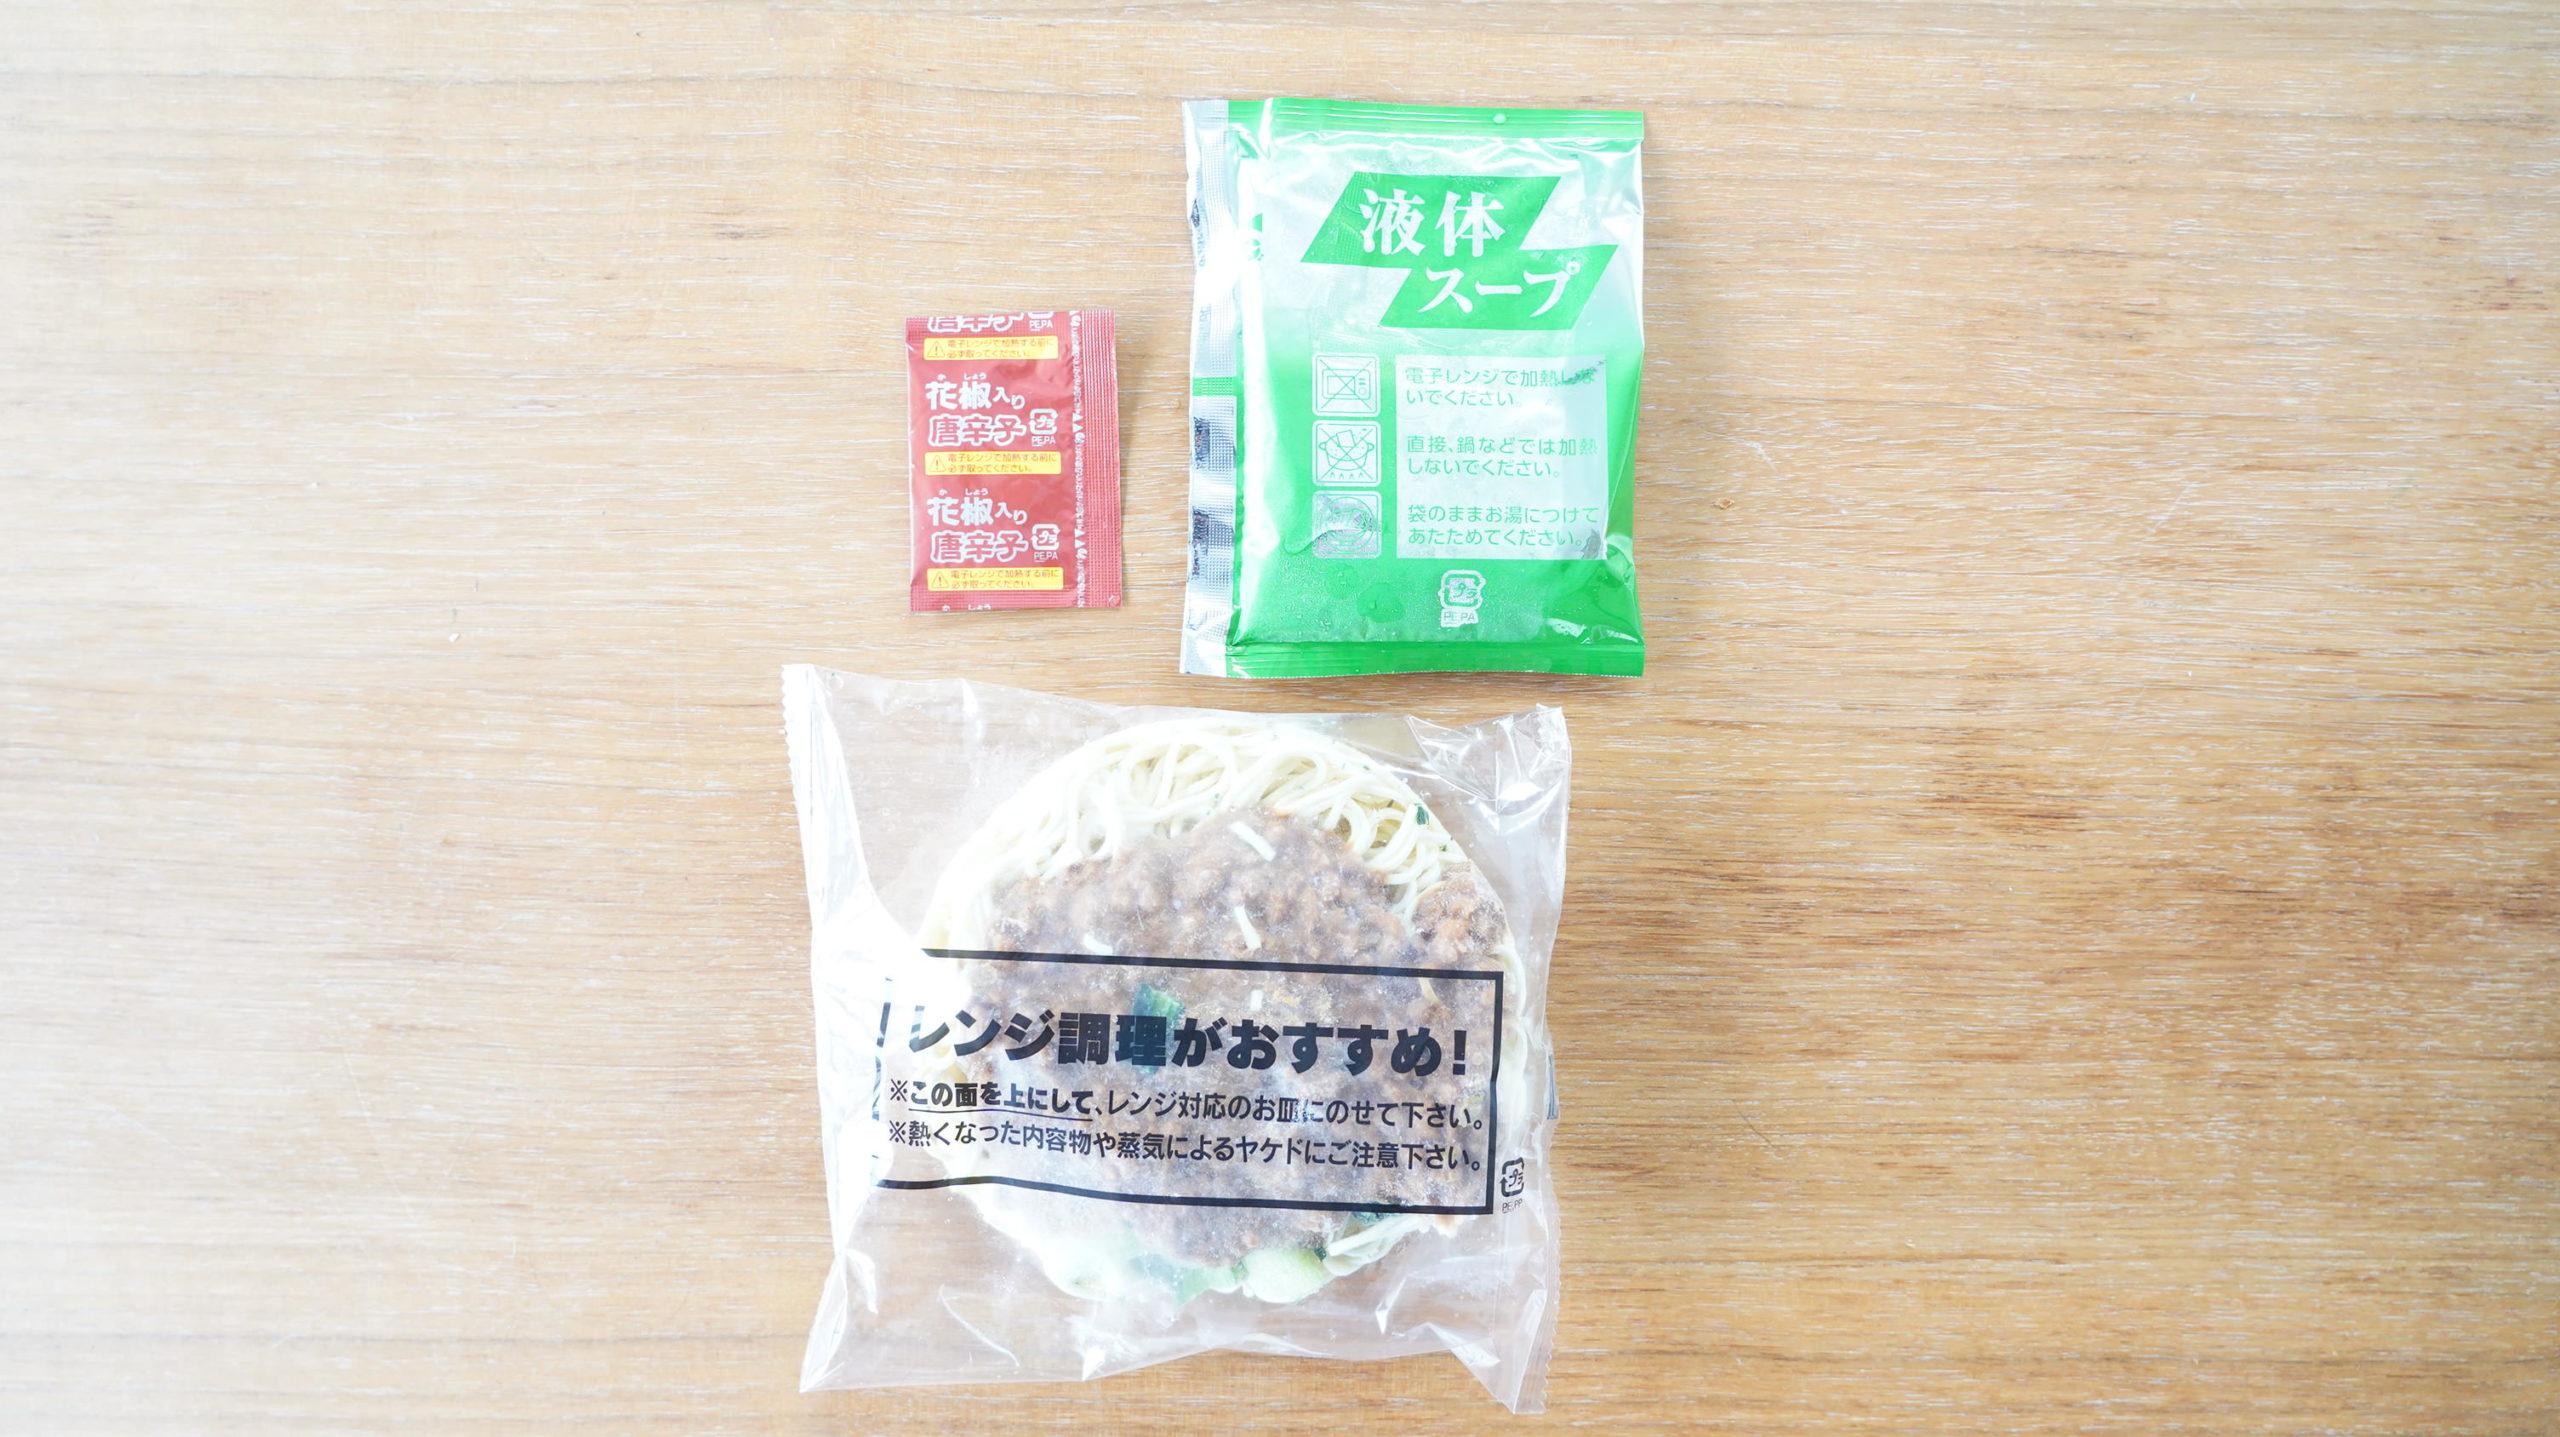 セブンイレブンの冷凍食品「胡麻が濃厚な坦々麺」の内容物一色の写真